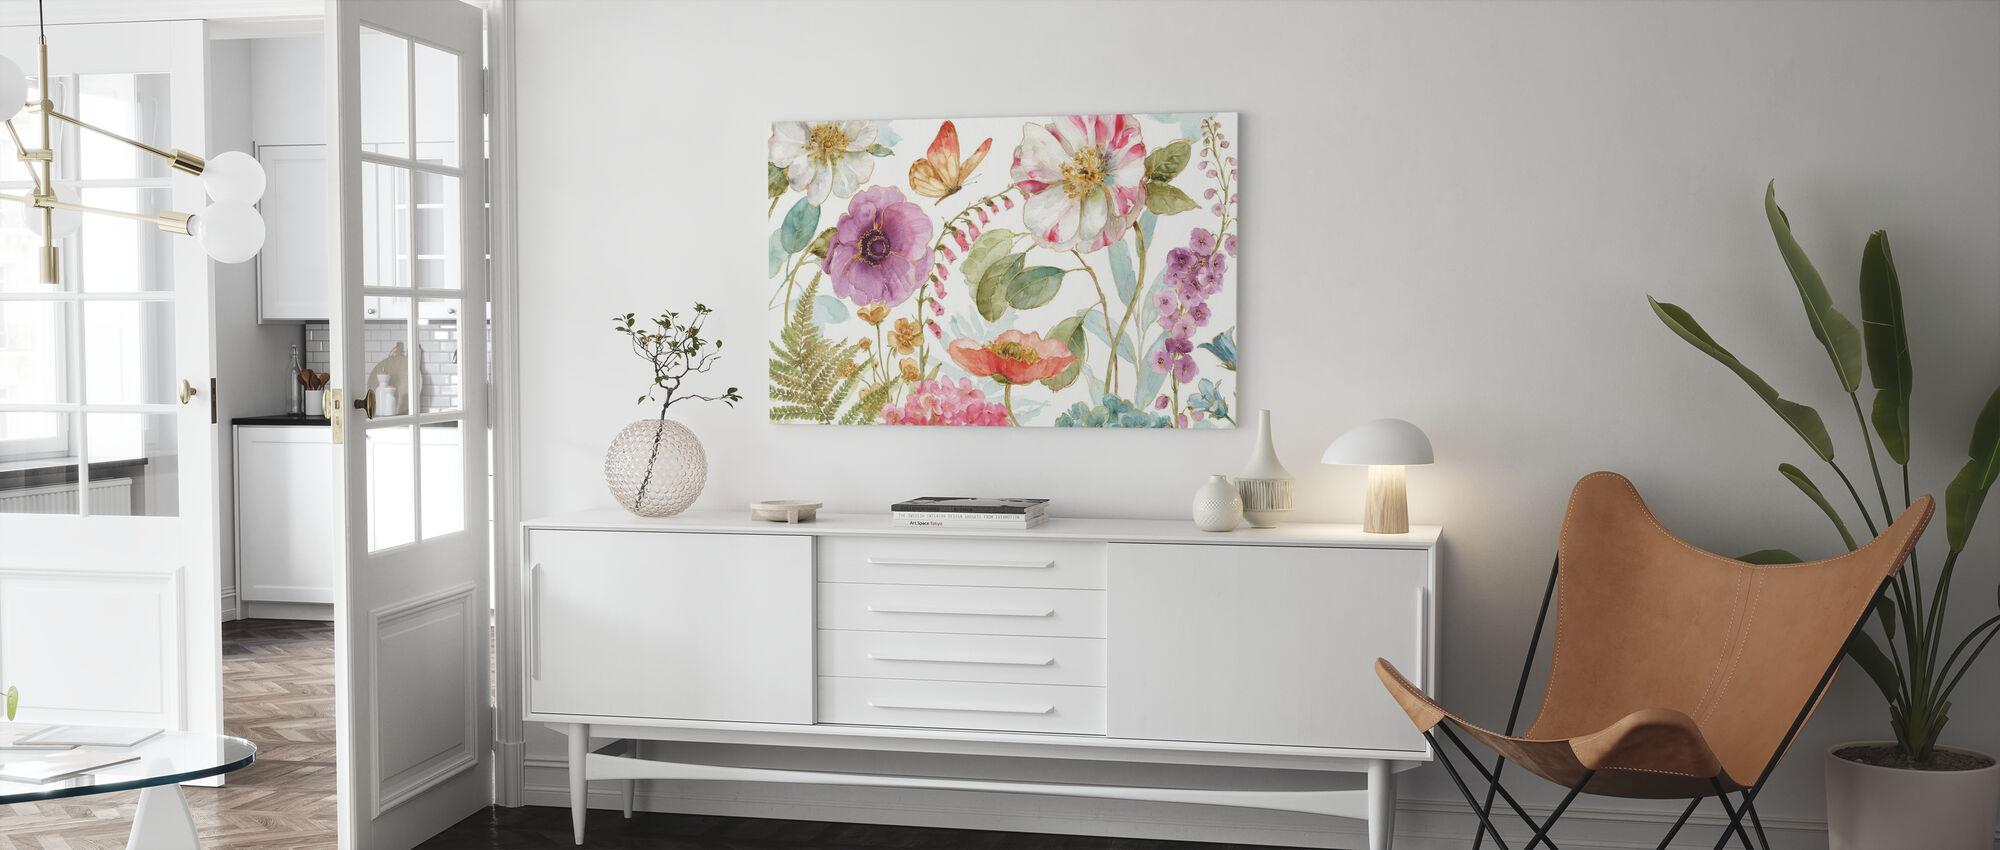 Rainbow Seeds Flowers 1 - Canvas print - Living Room